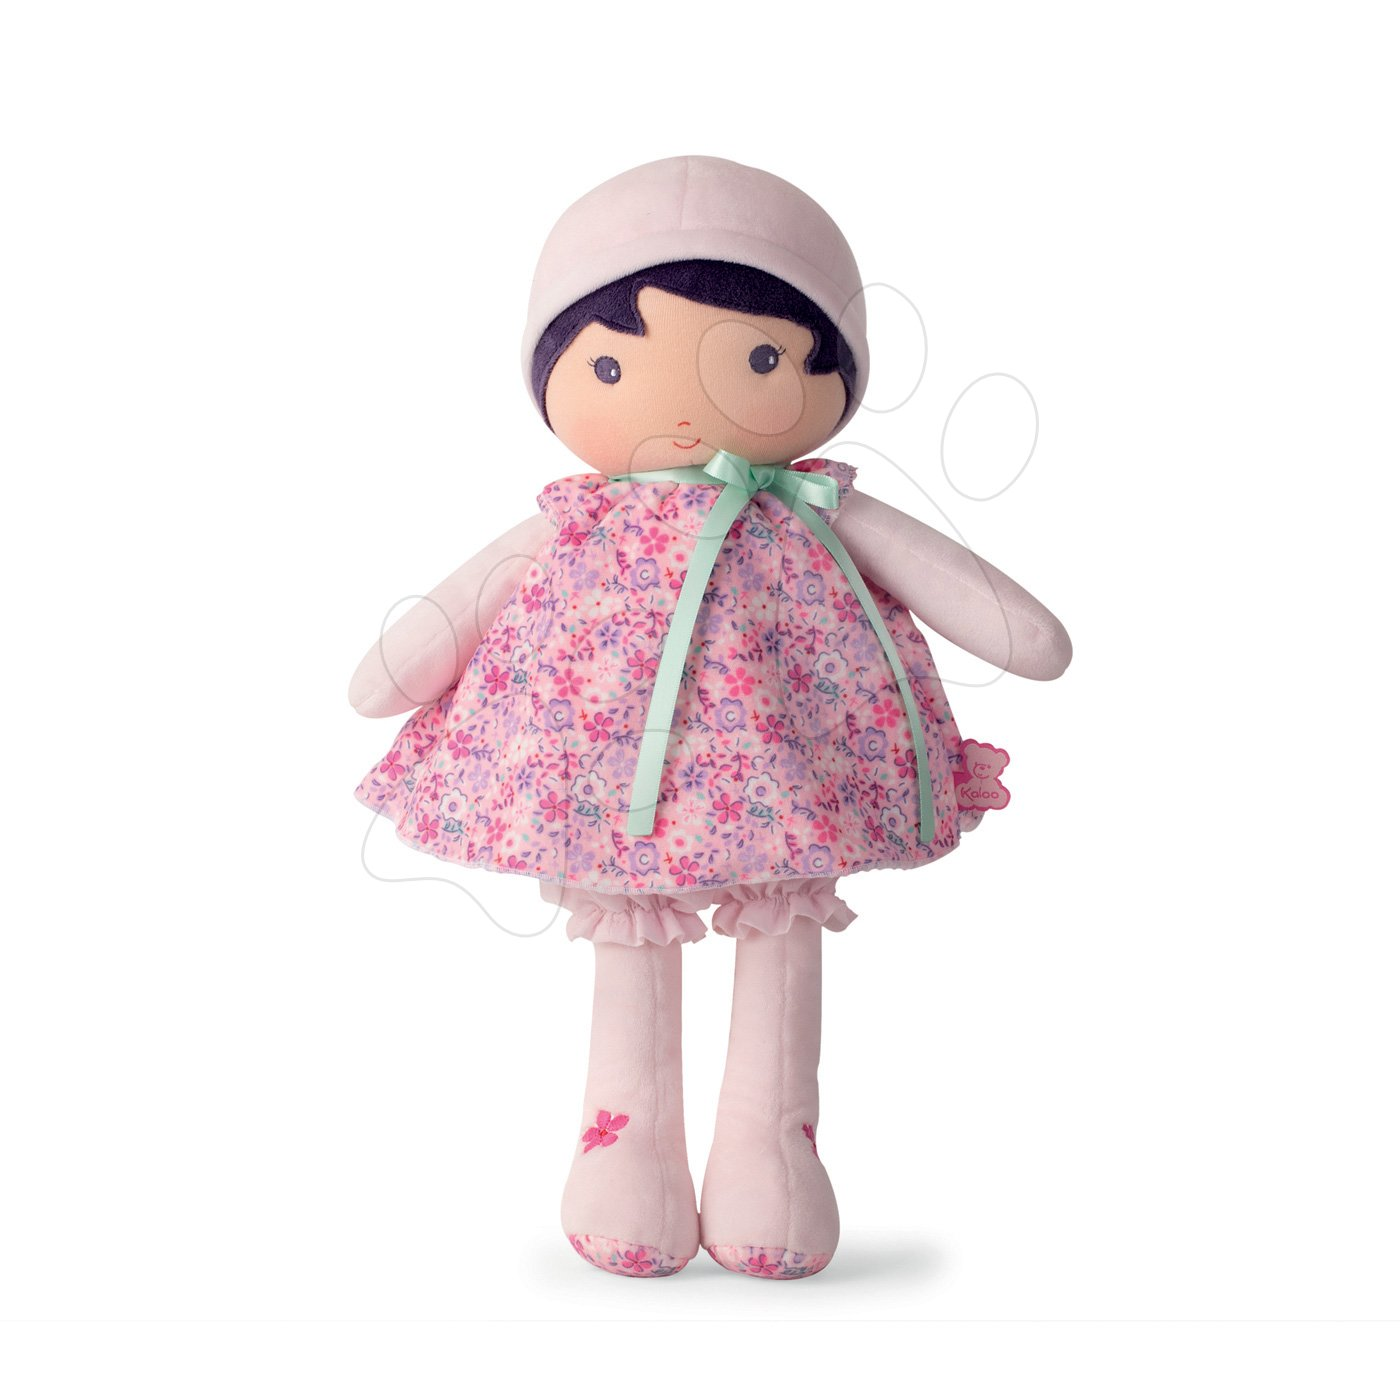 Păpuşă pentru bebeluşi Fleur K Tendresse Kaloo 40 cm în hăinuţă cu motiv floral din textil fin în ambalaj de cadou